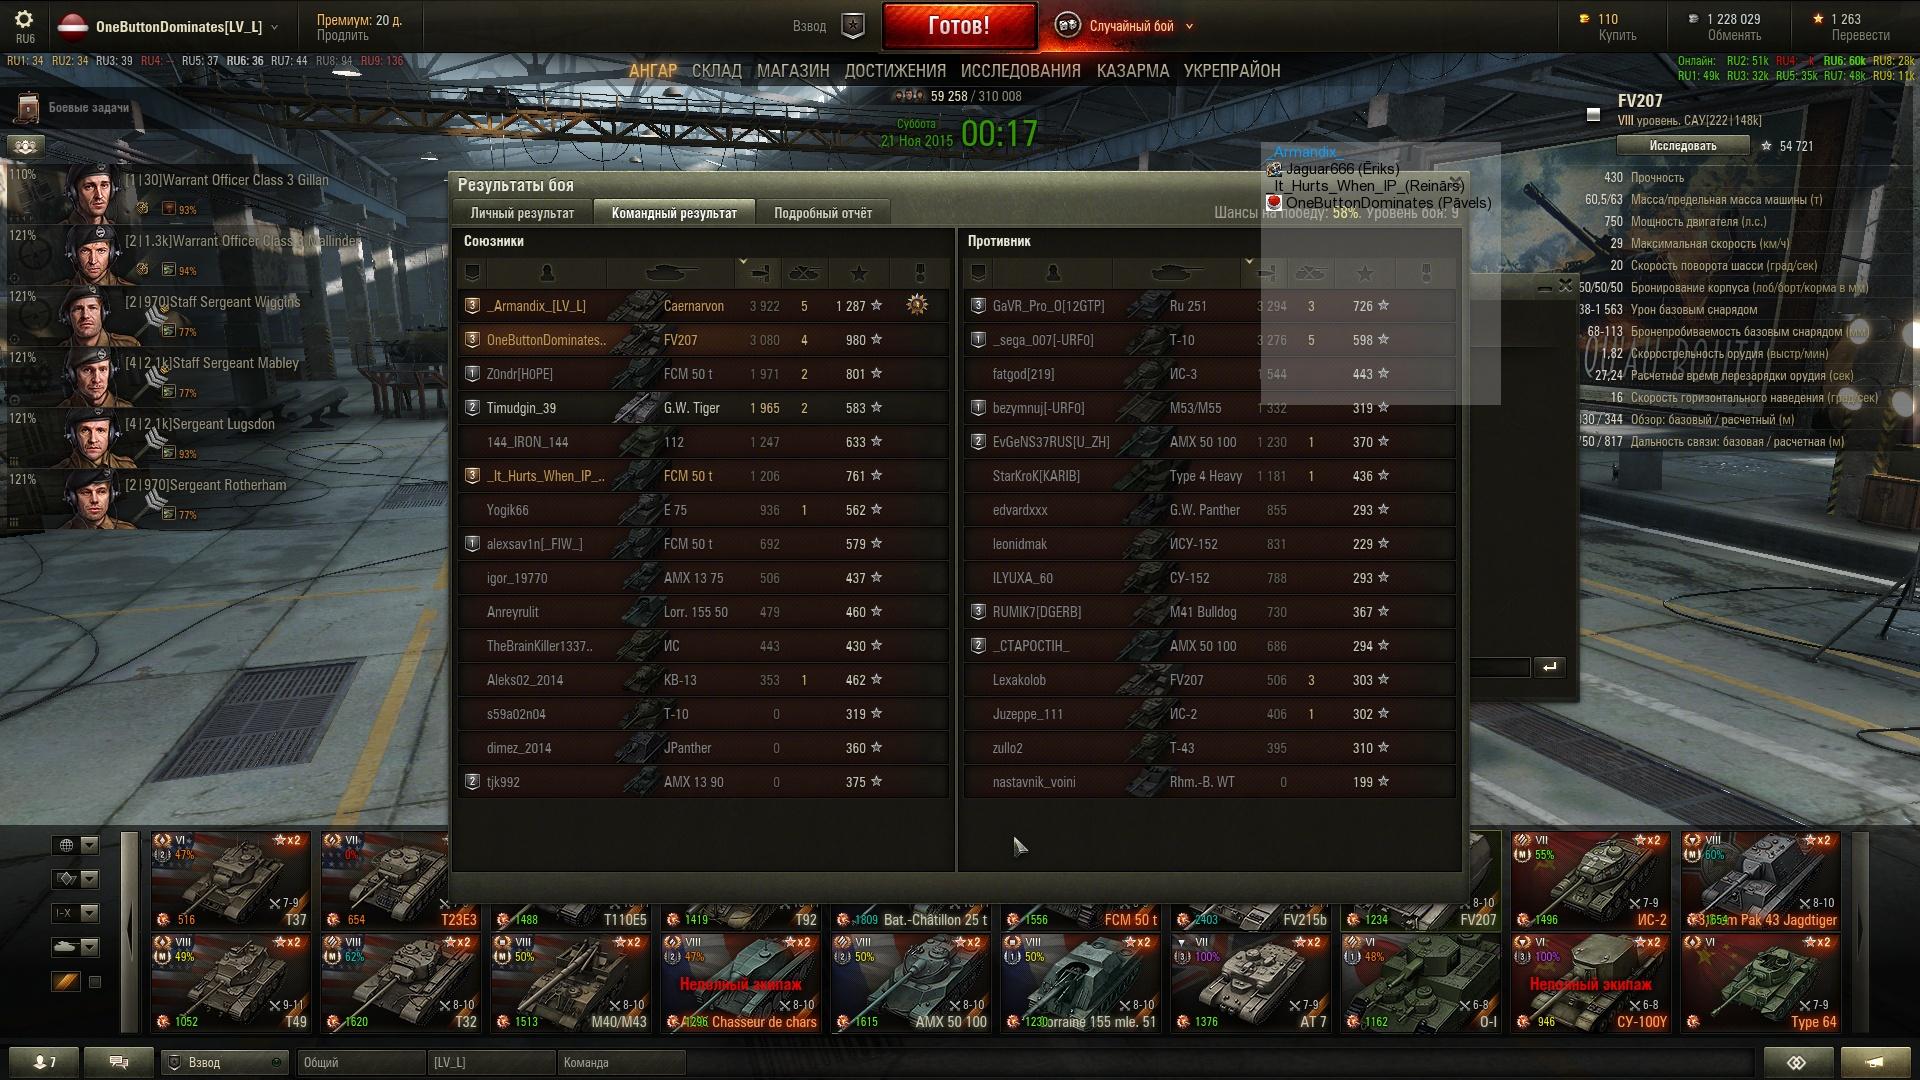 Master - FV207 2010609b28b0